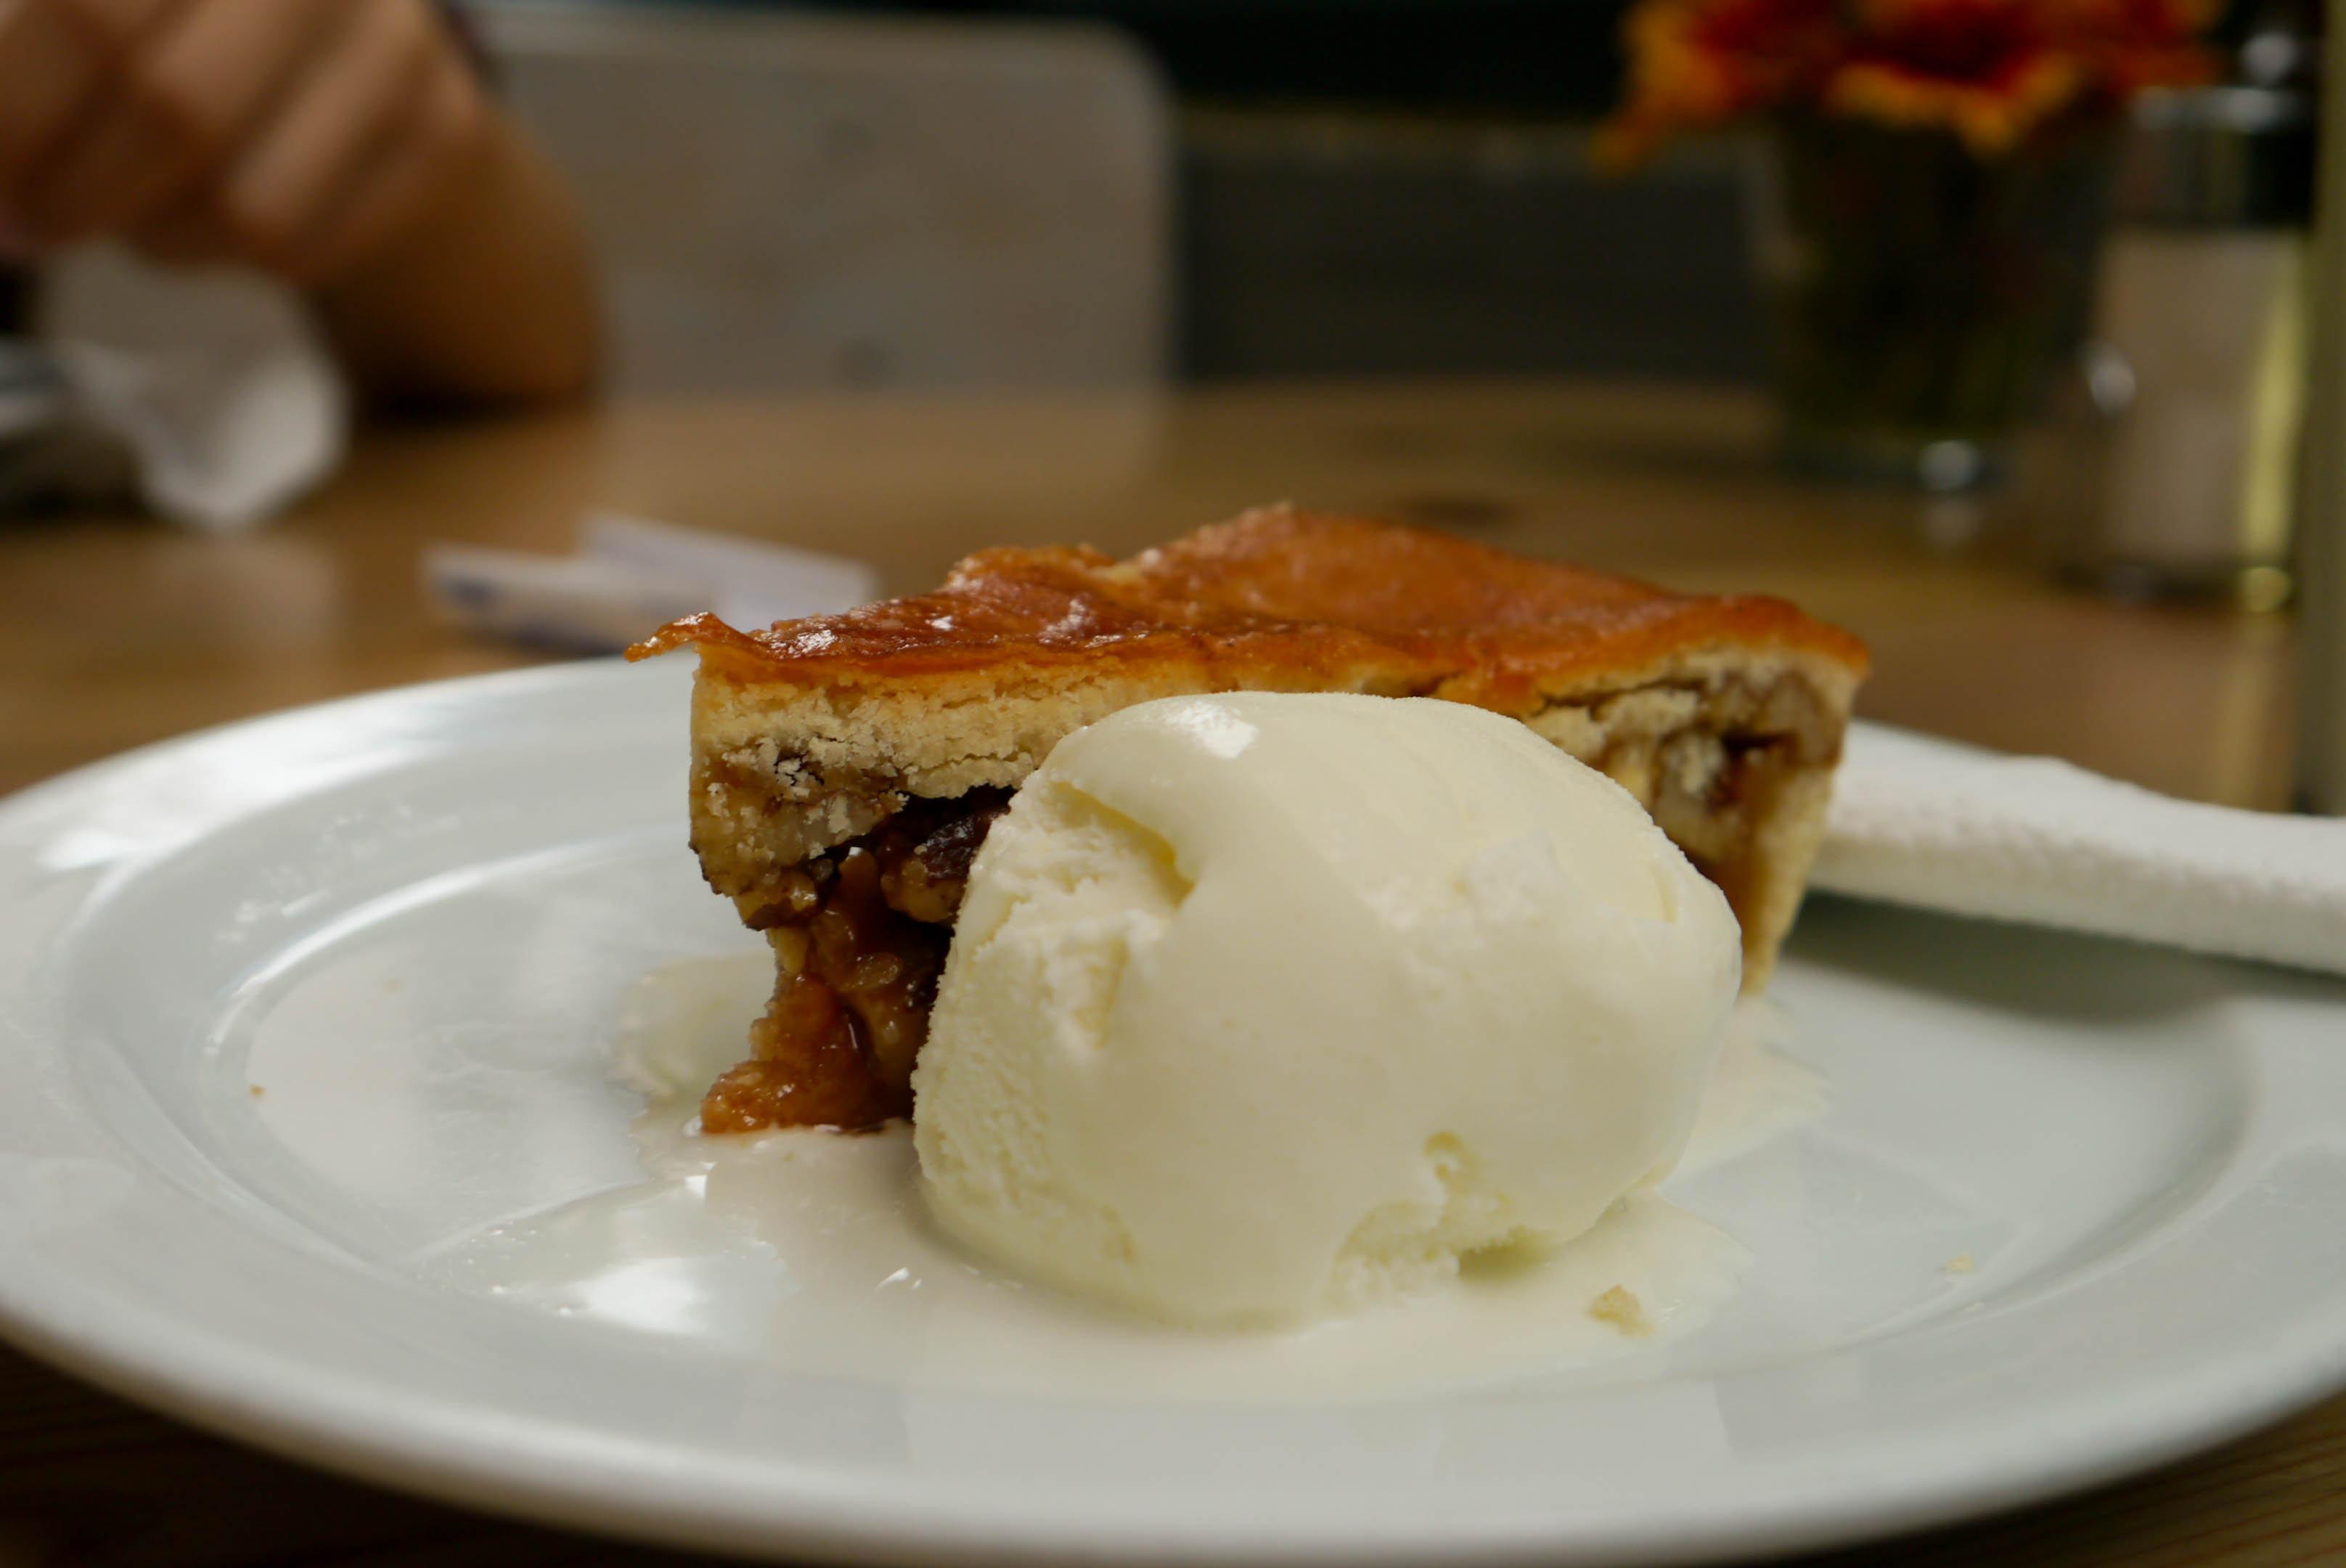 Apple Pie with ice-cream